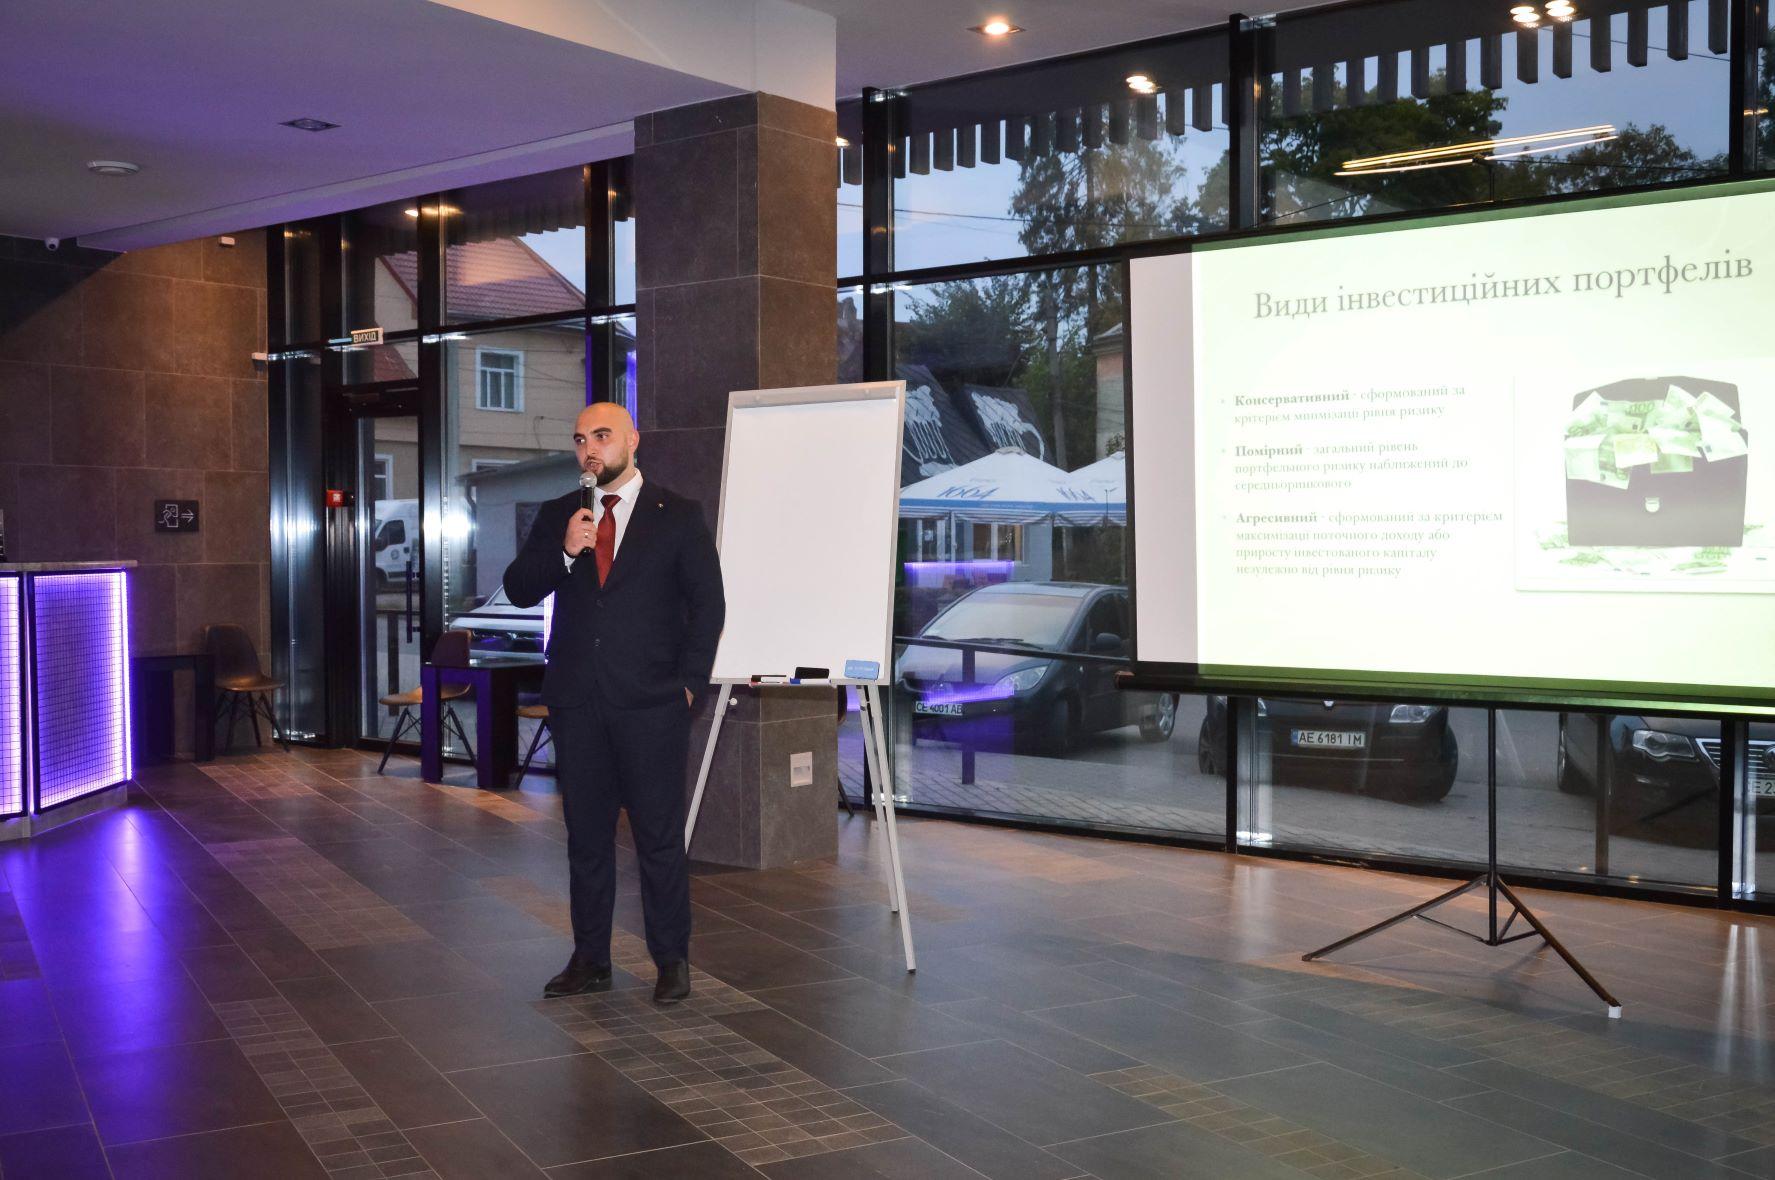 ЦБТ провів актуальну дискусійну панель в Чернівцях - 11 фото